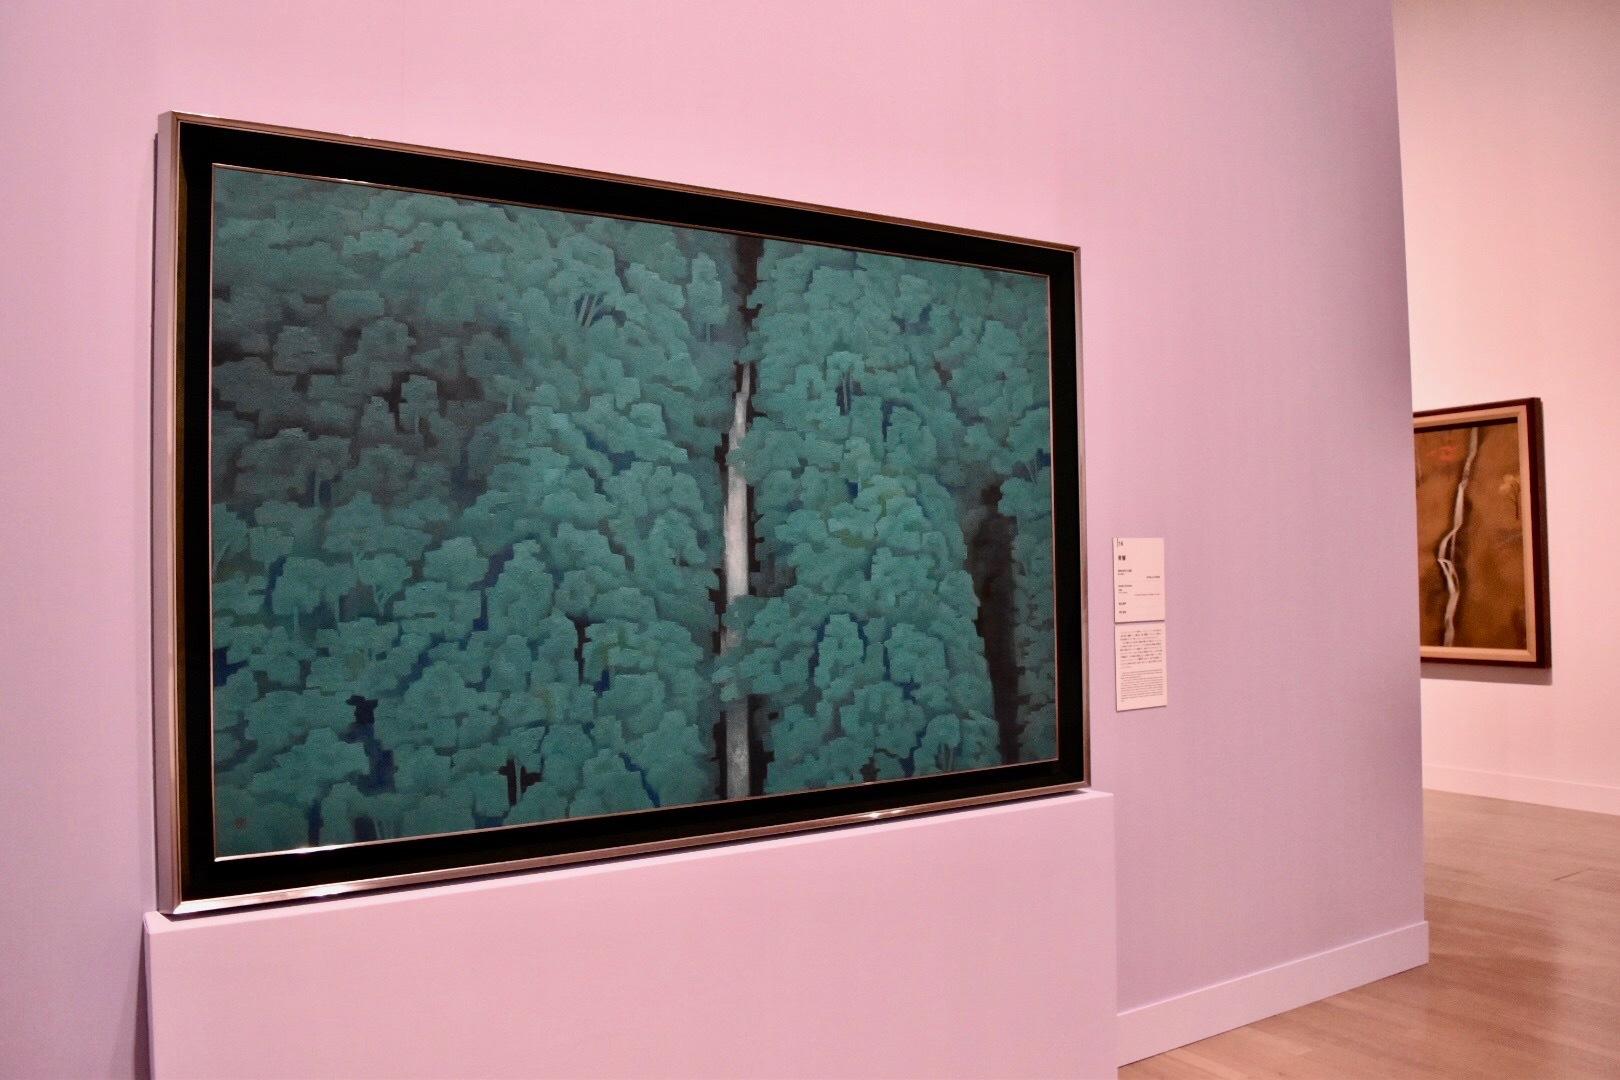 《青響》 昭和35年 東京国立近代美術館蔵